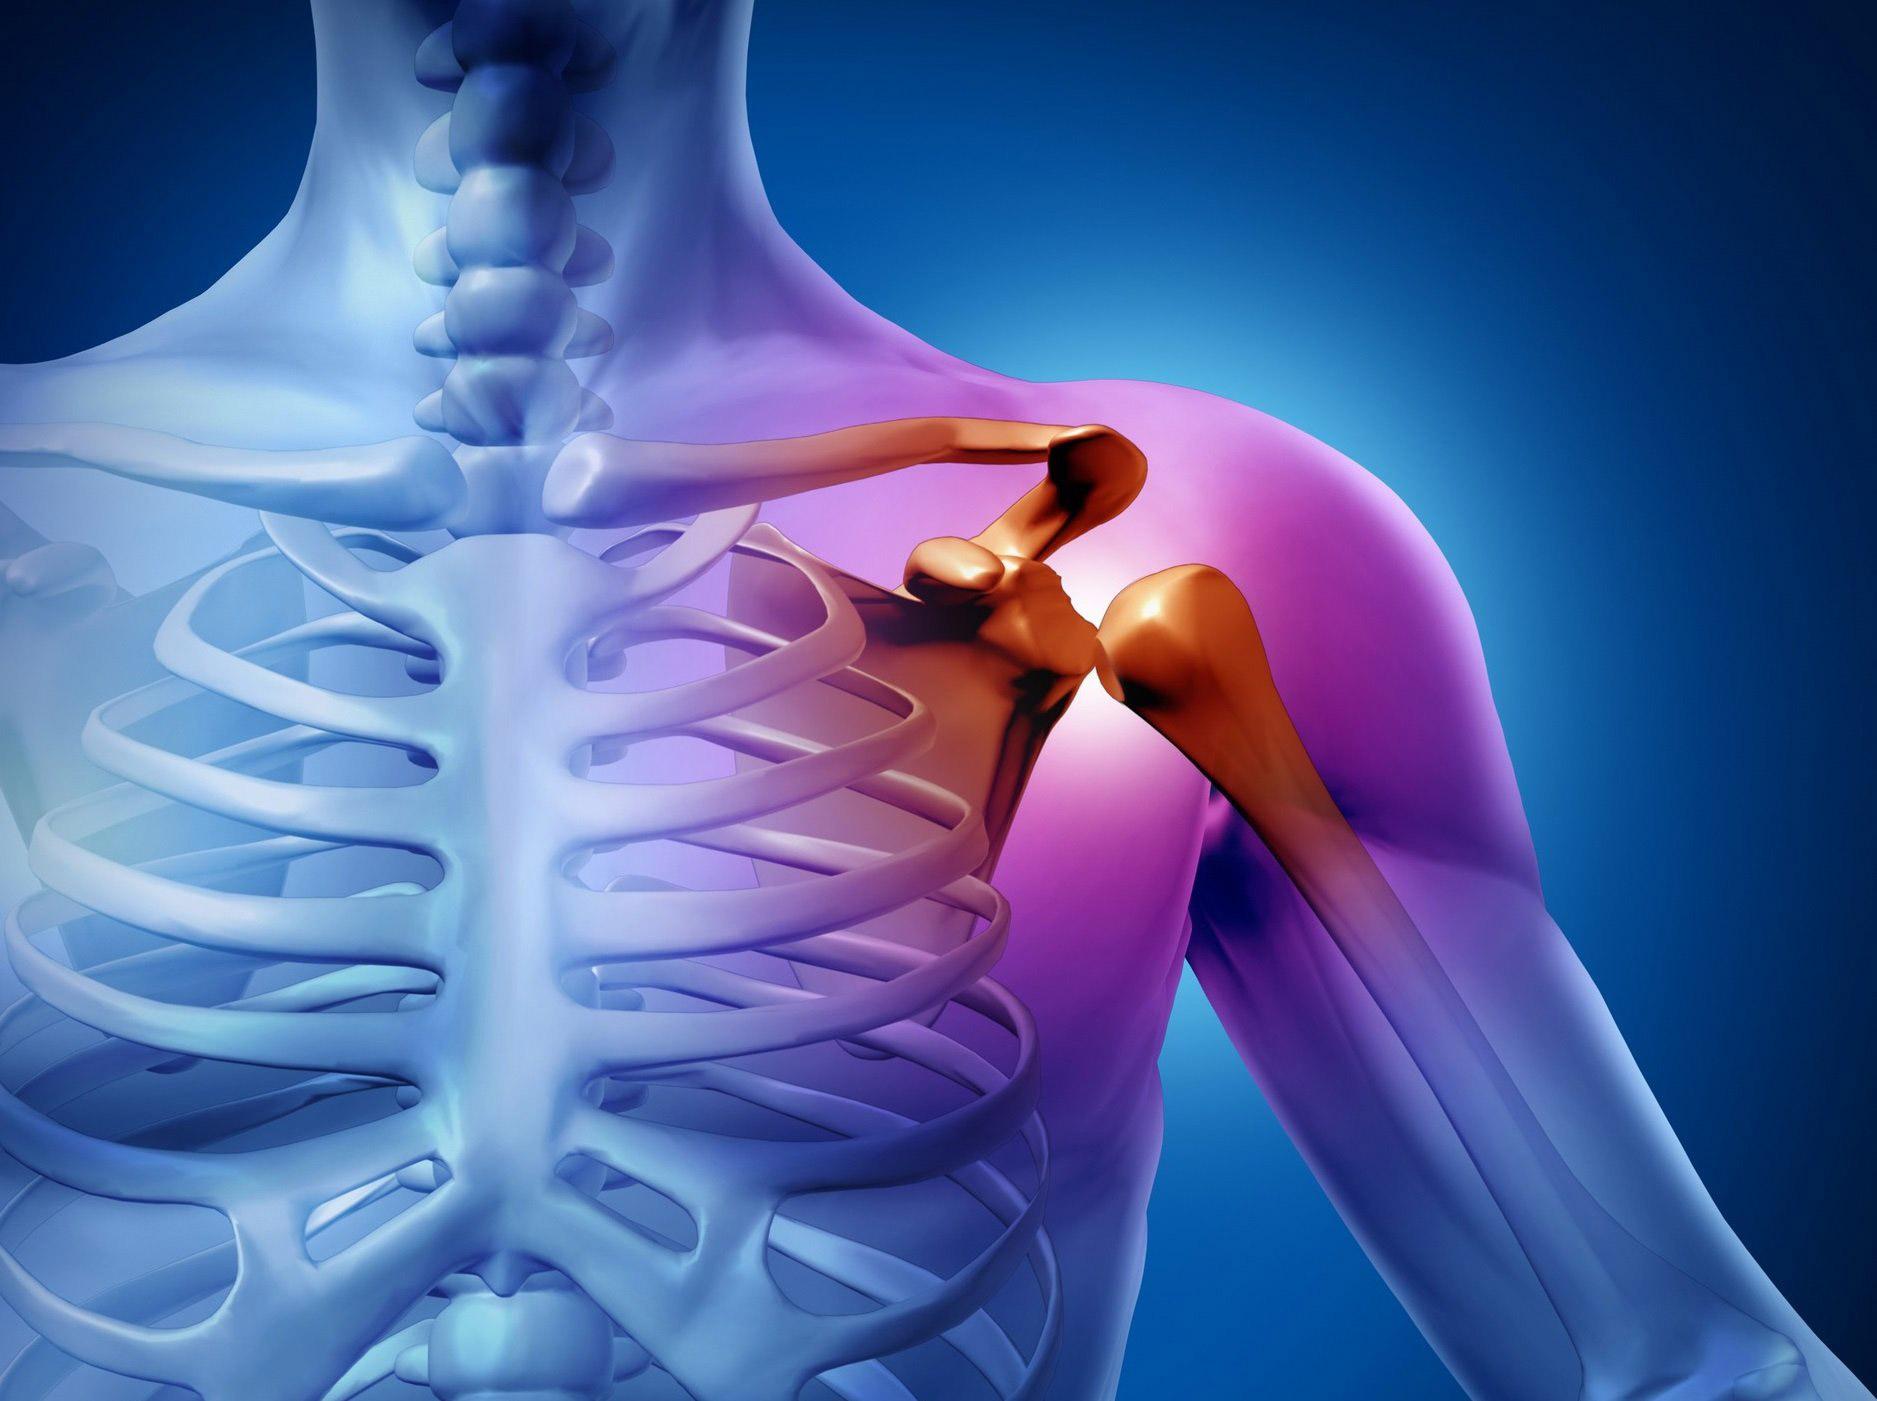 Бурсит плечевого сустава - симптомы и лечение. Субакромиальный и подклювовидный бурсит